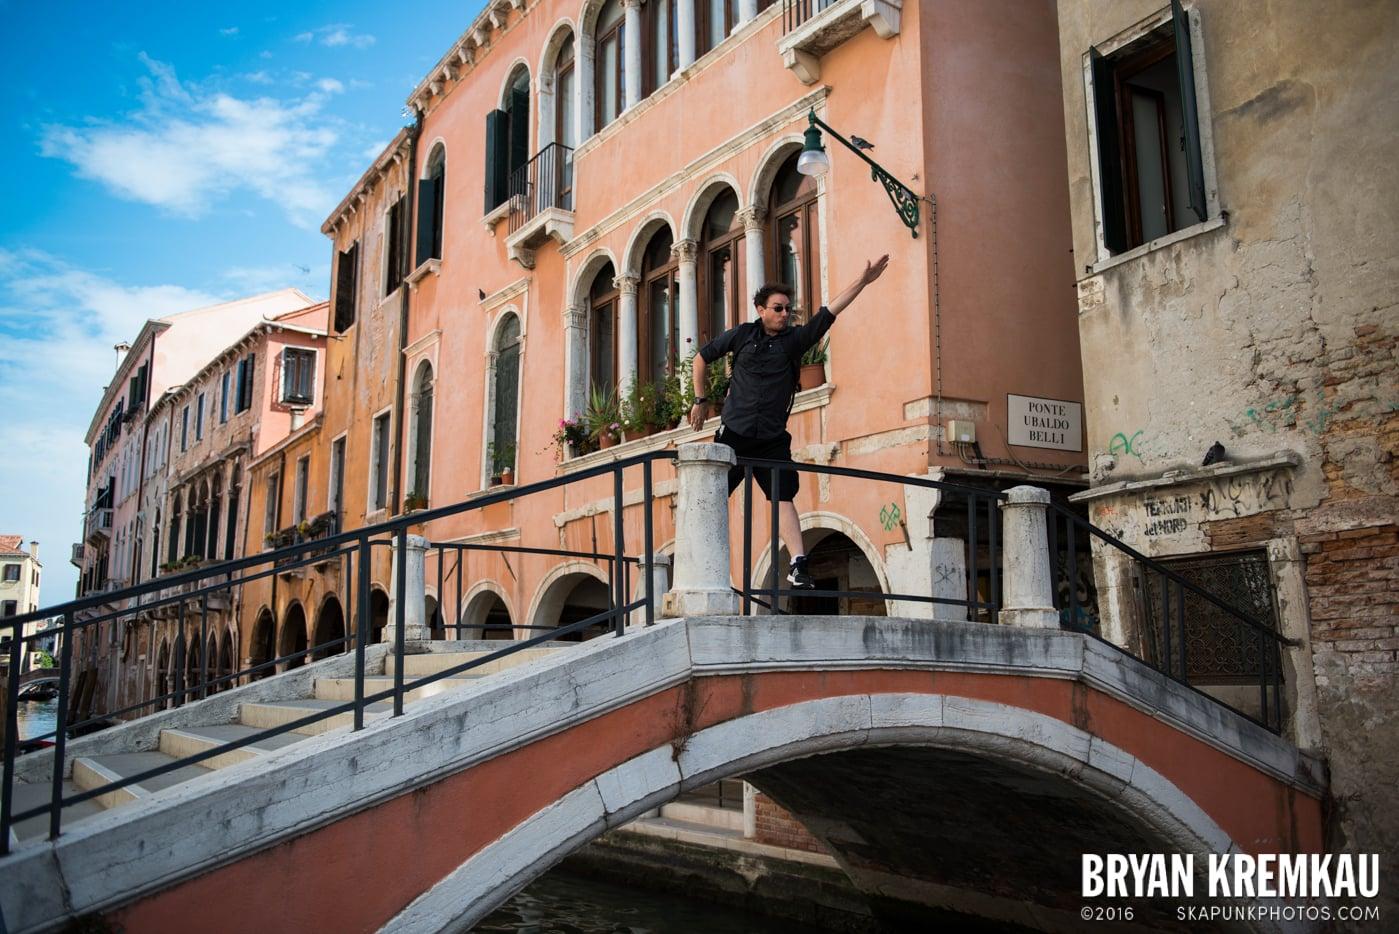 Italy Vacation - Day 5: Venice - 9.13.13 (65)